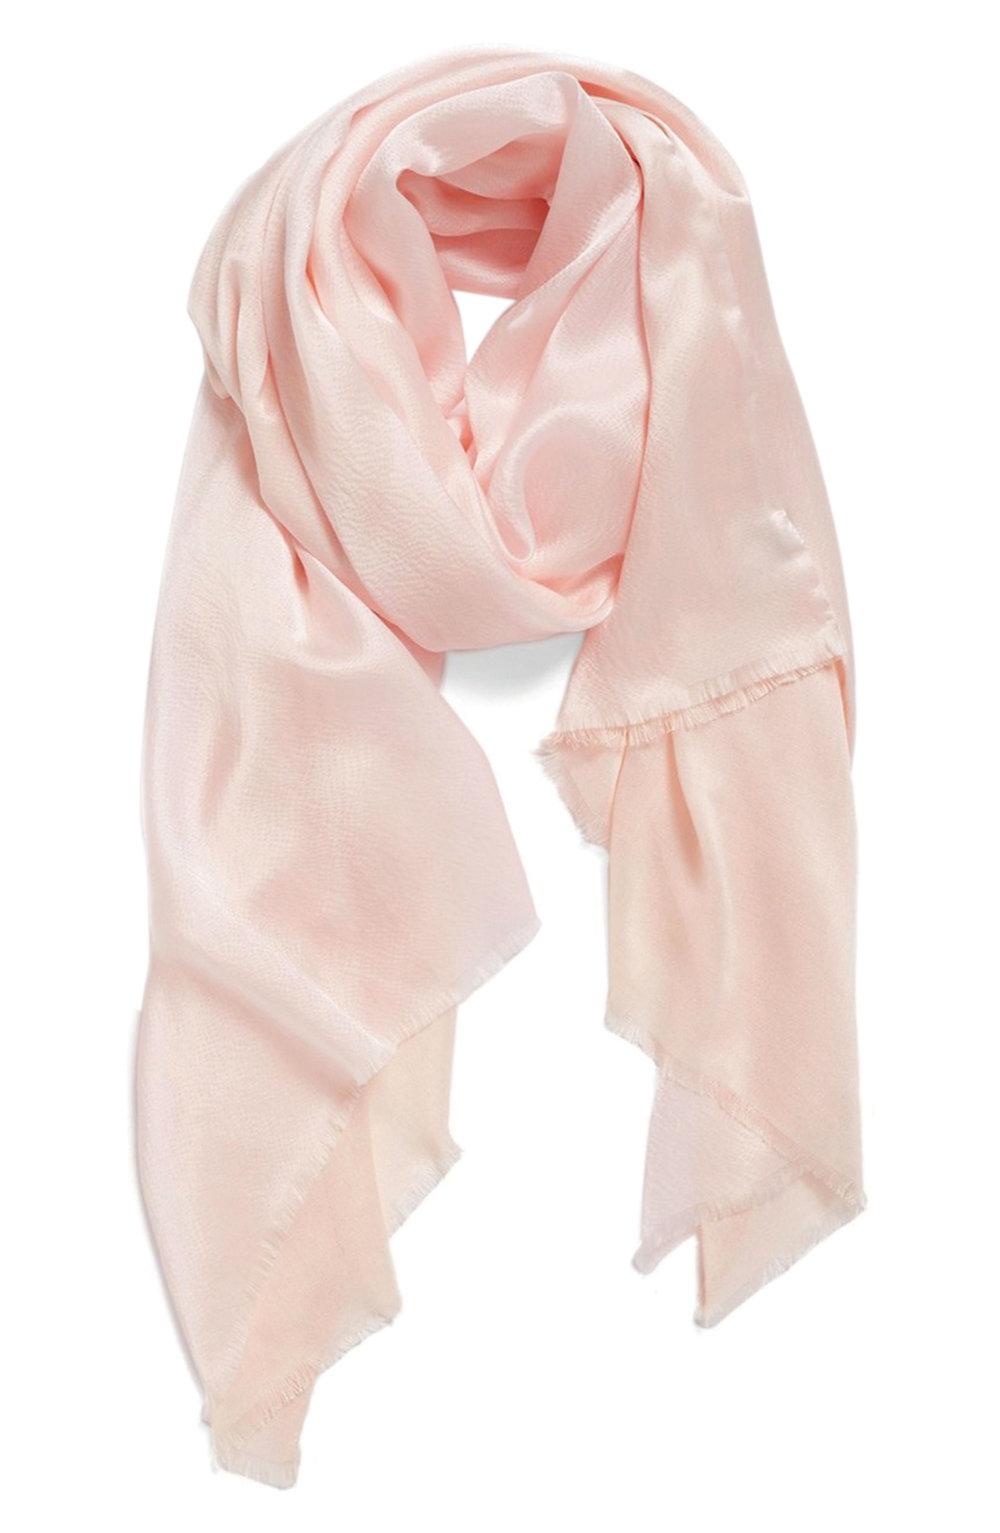 11.Echo 絲巾 $98, shop.nordstrom.com